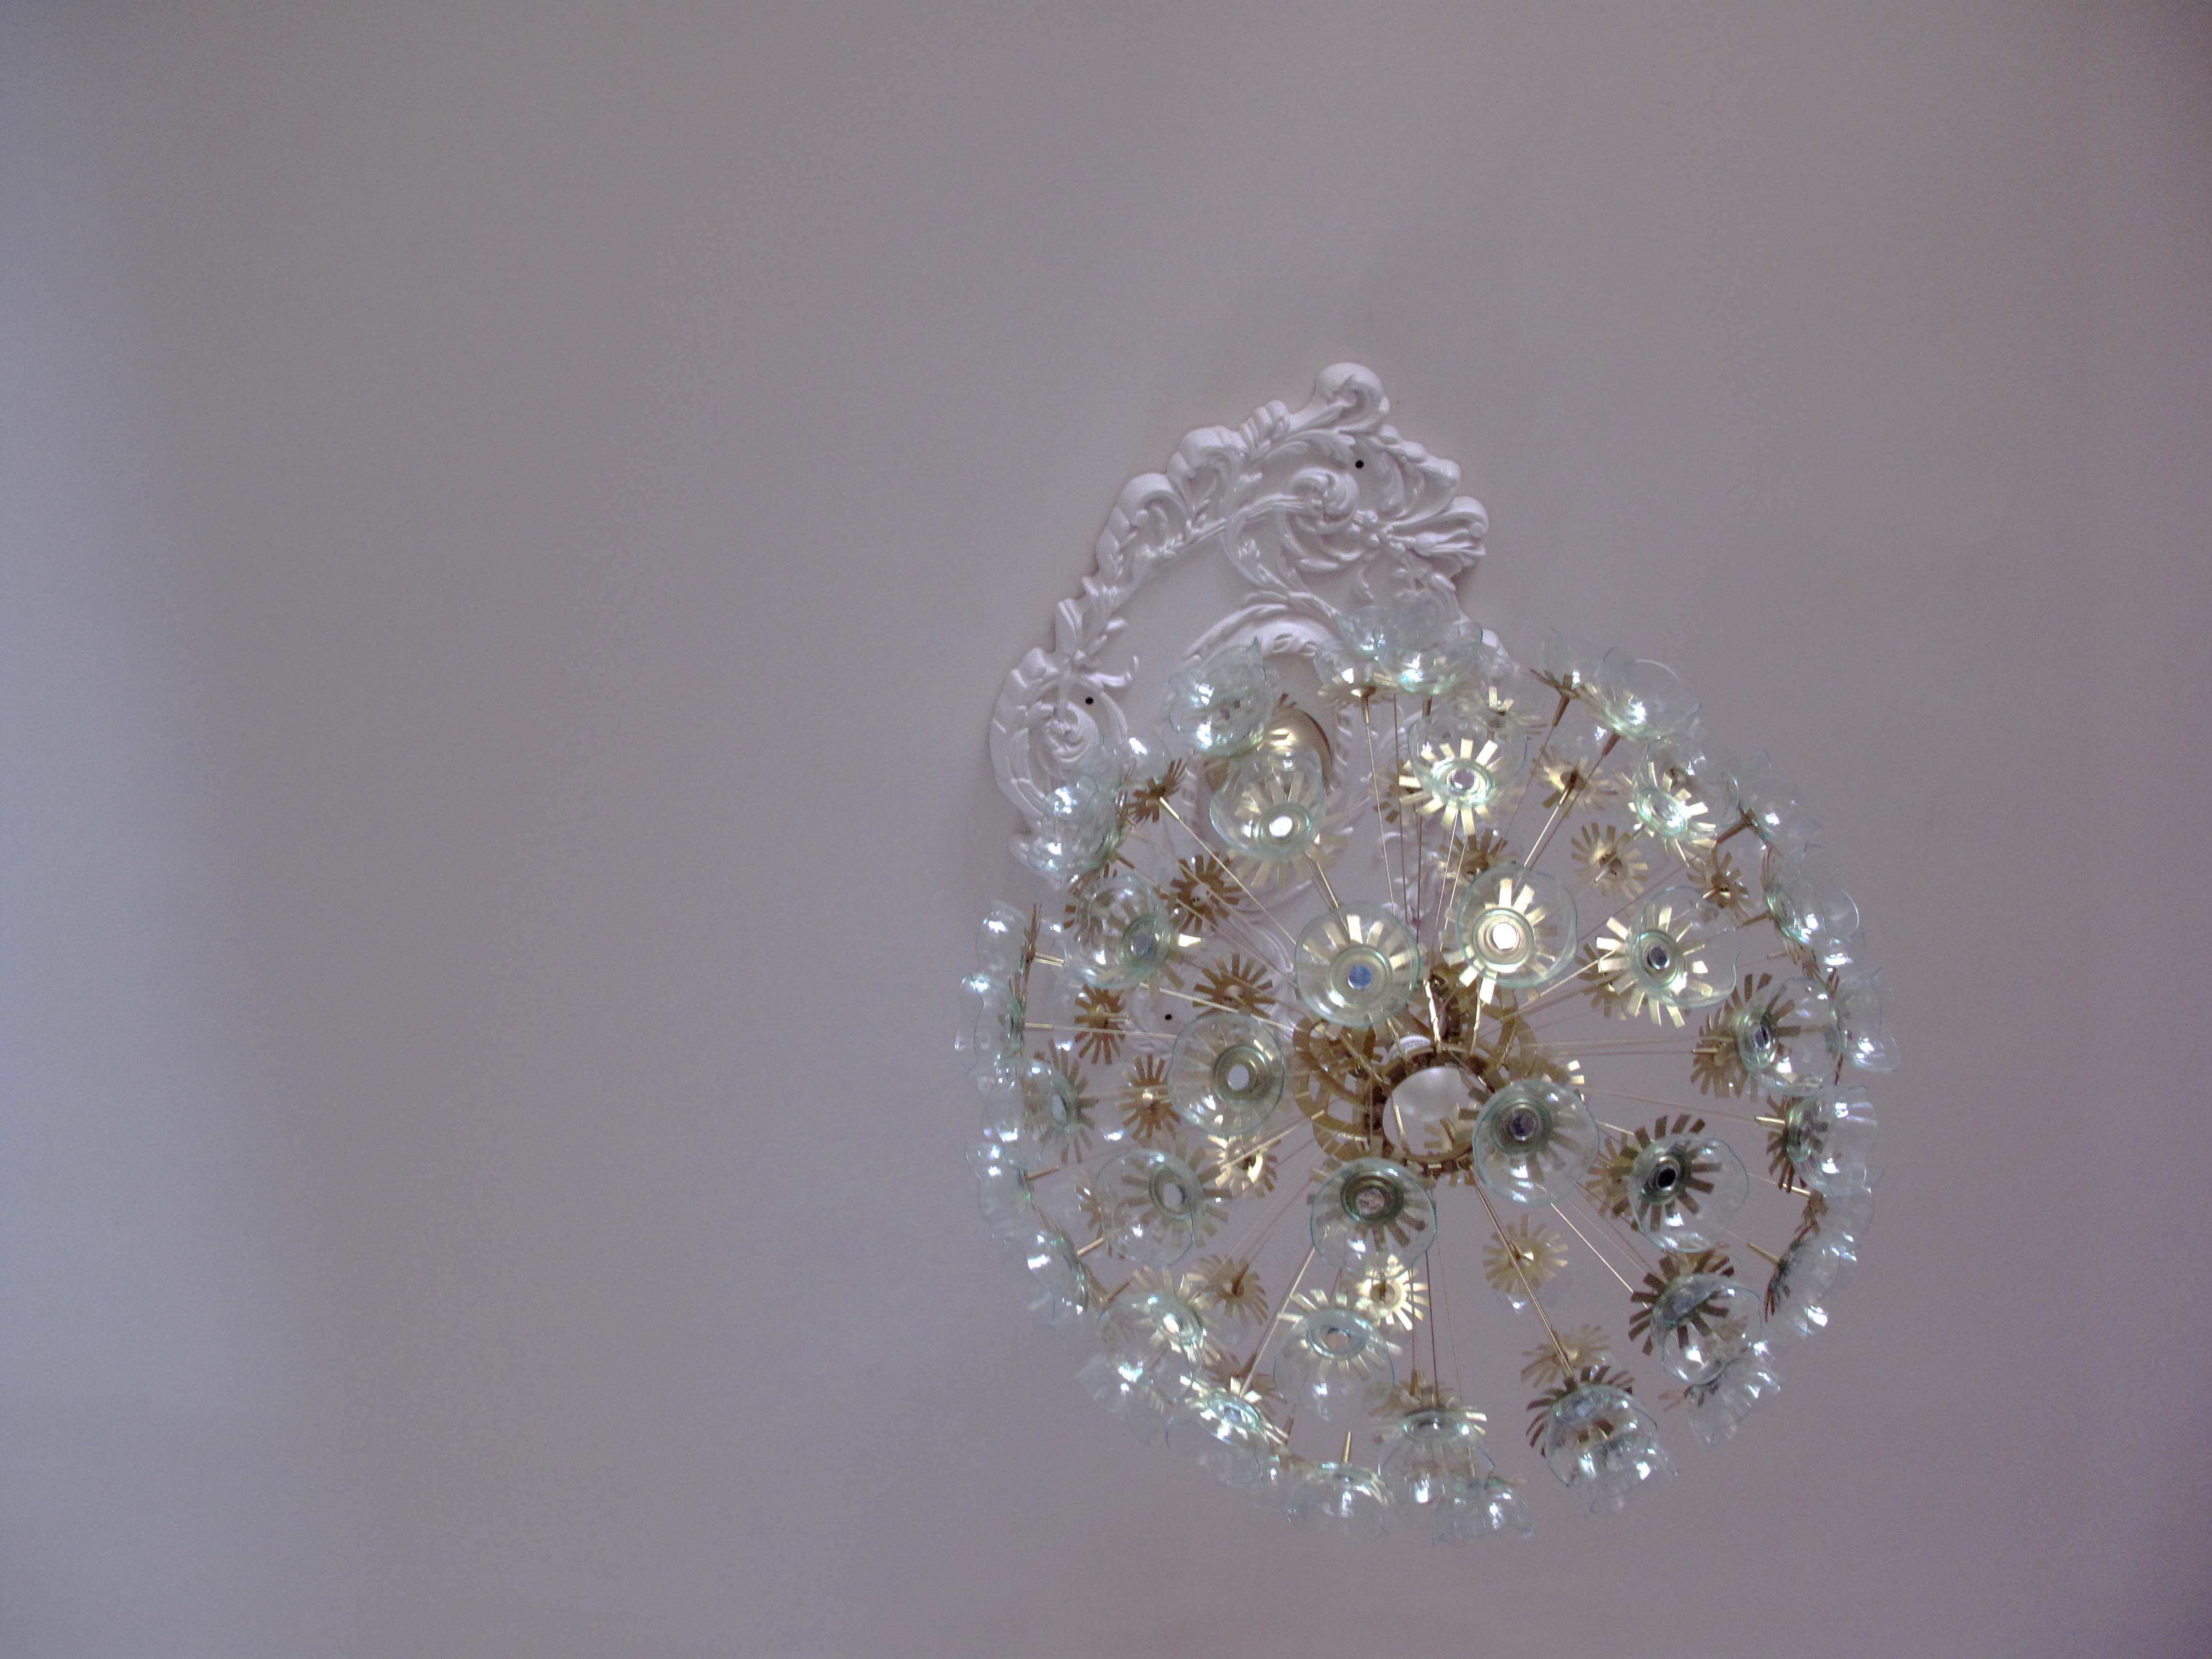 Maskros ikea hack sputnik chandelier well designed vib pinterest maskros ikea hack sputnik chandelier aloadofball Gallery